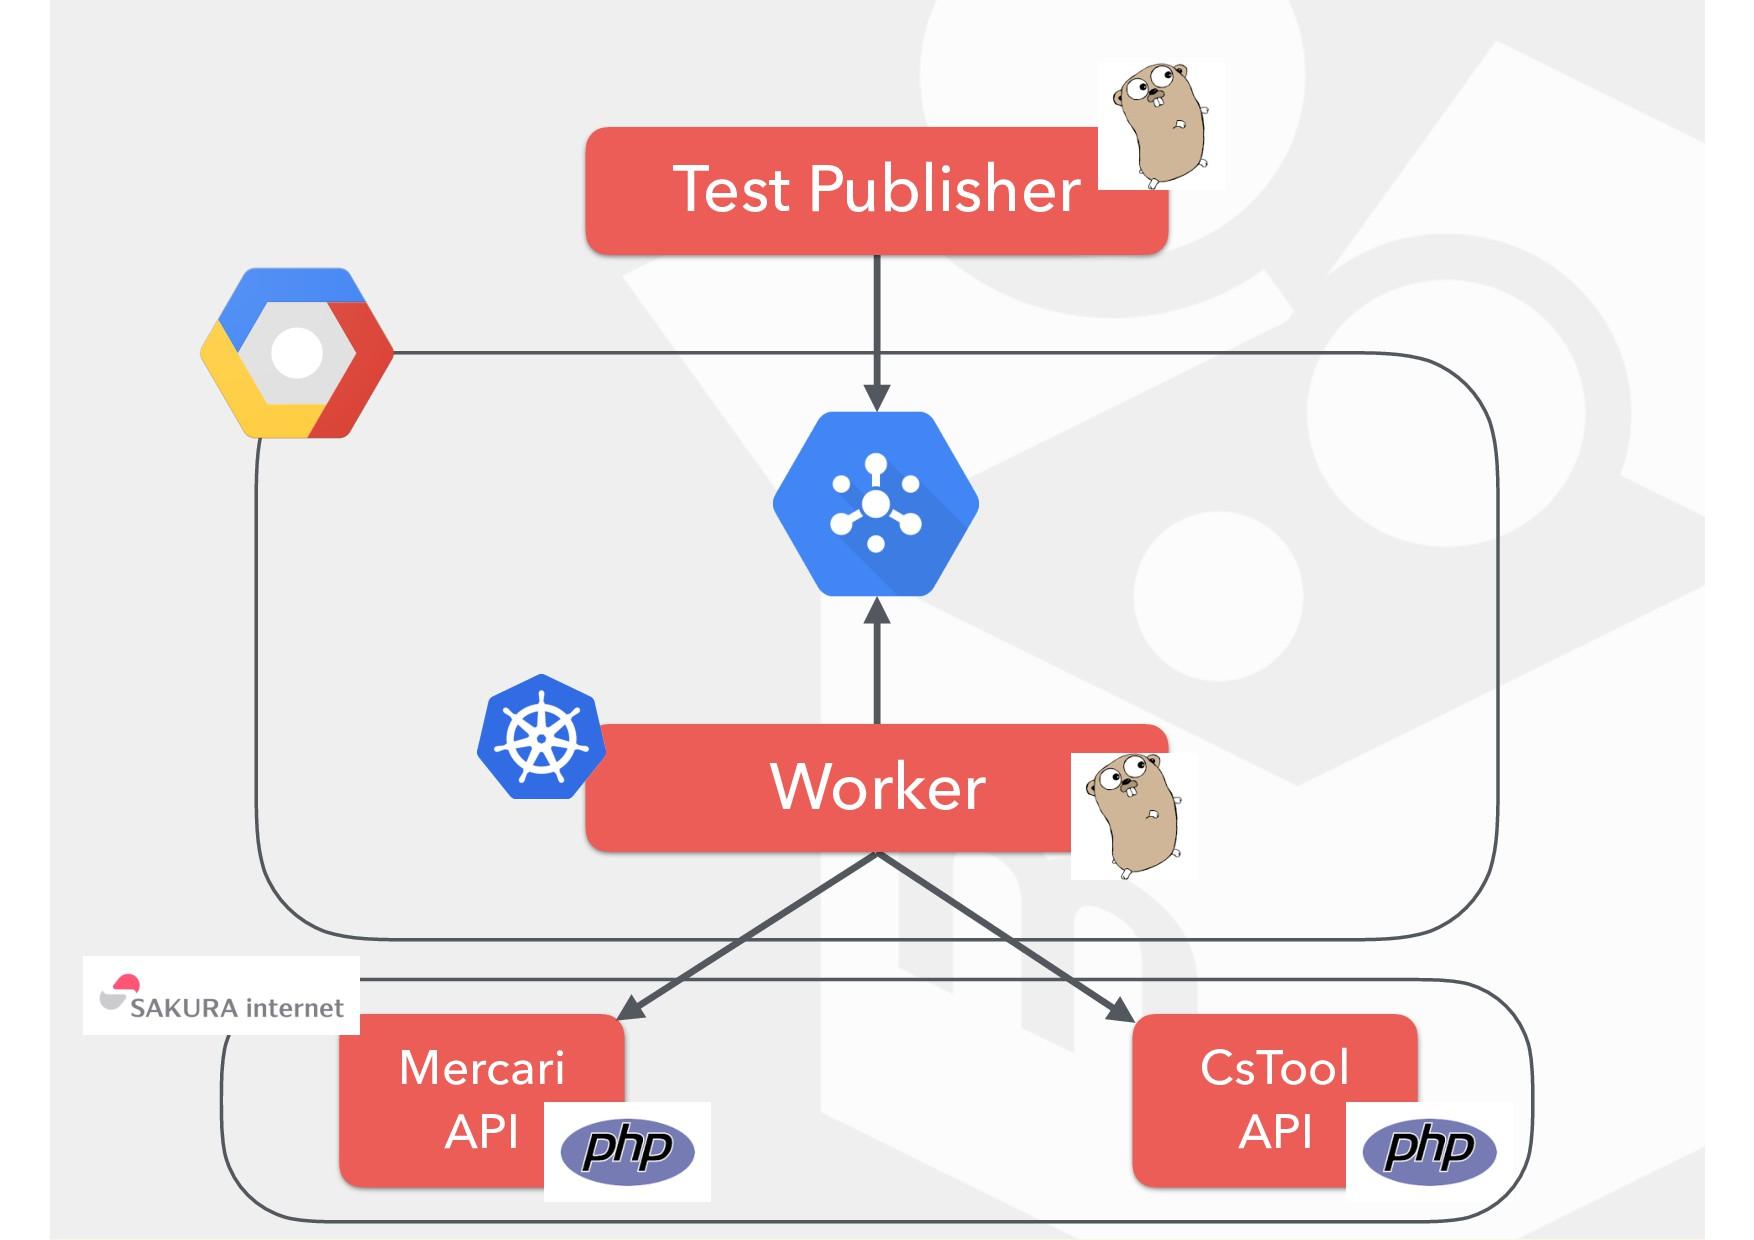 CsTool API Mercari API Worker Test Publisher